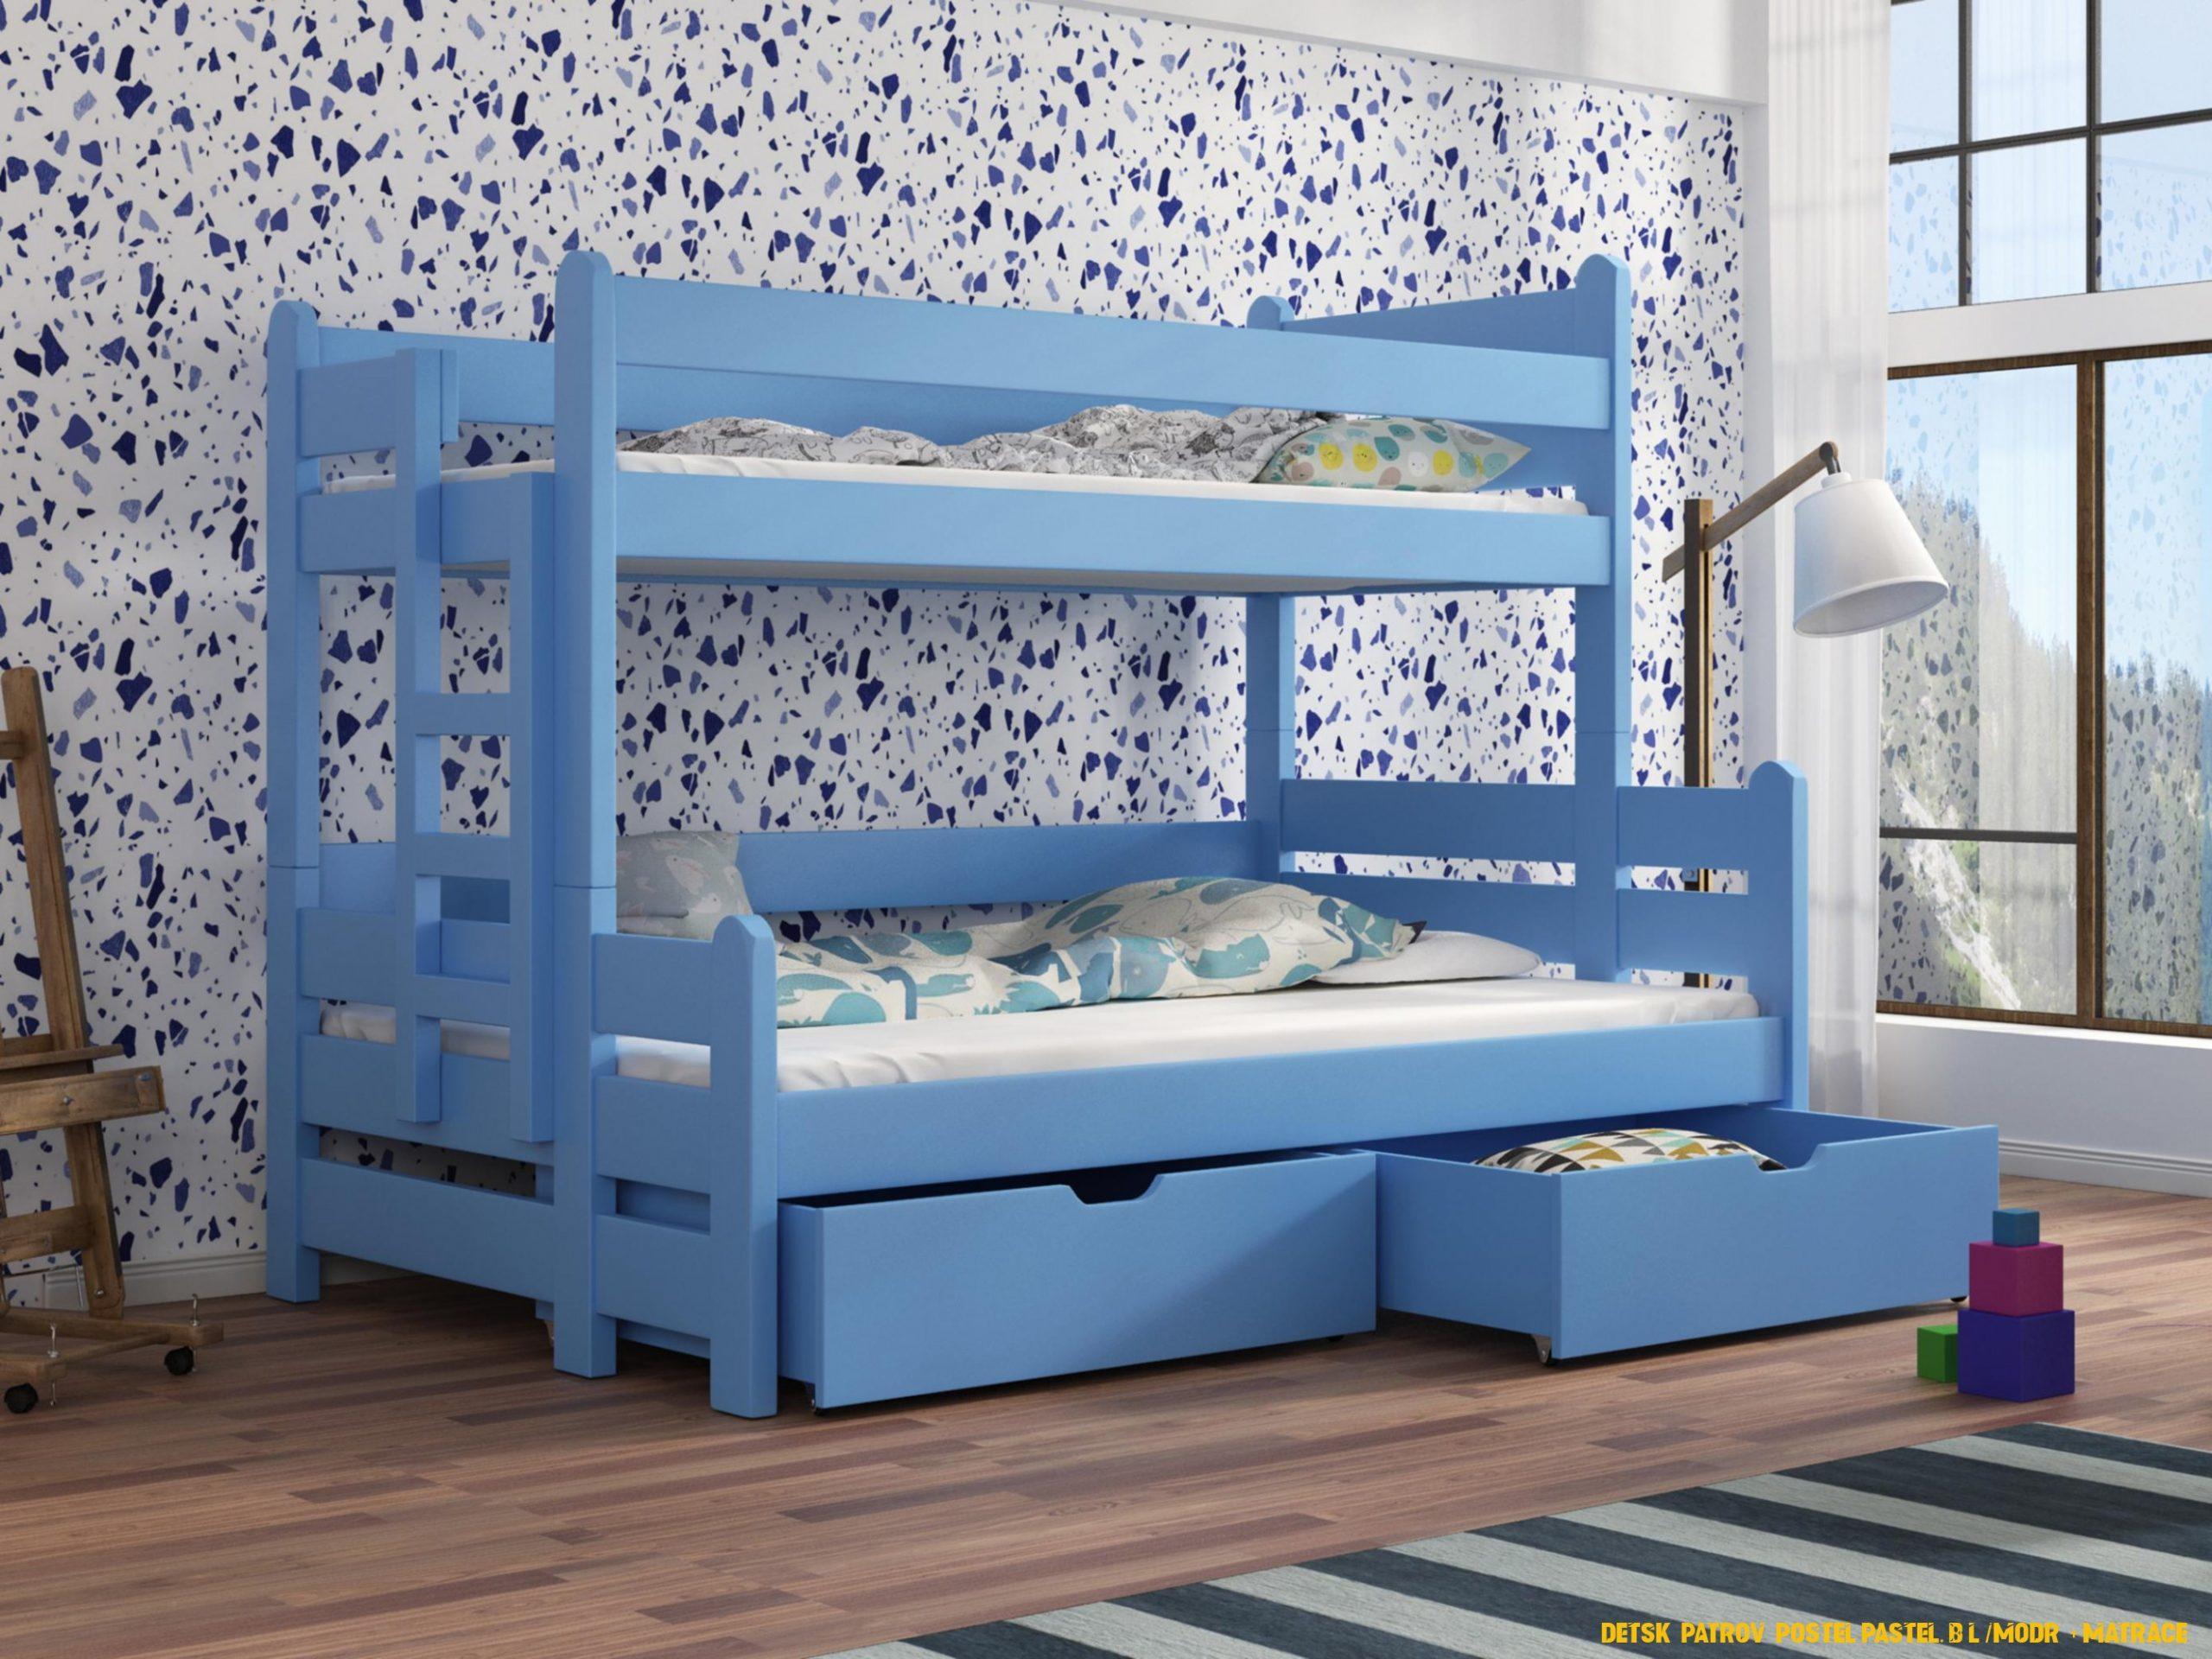 Patrova detska postel osuna modra levně   Mobilmania zboží